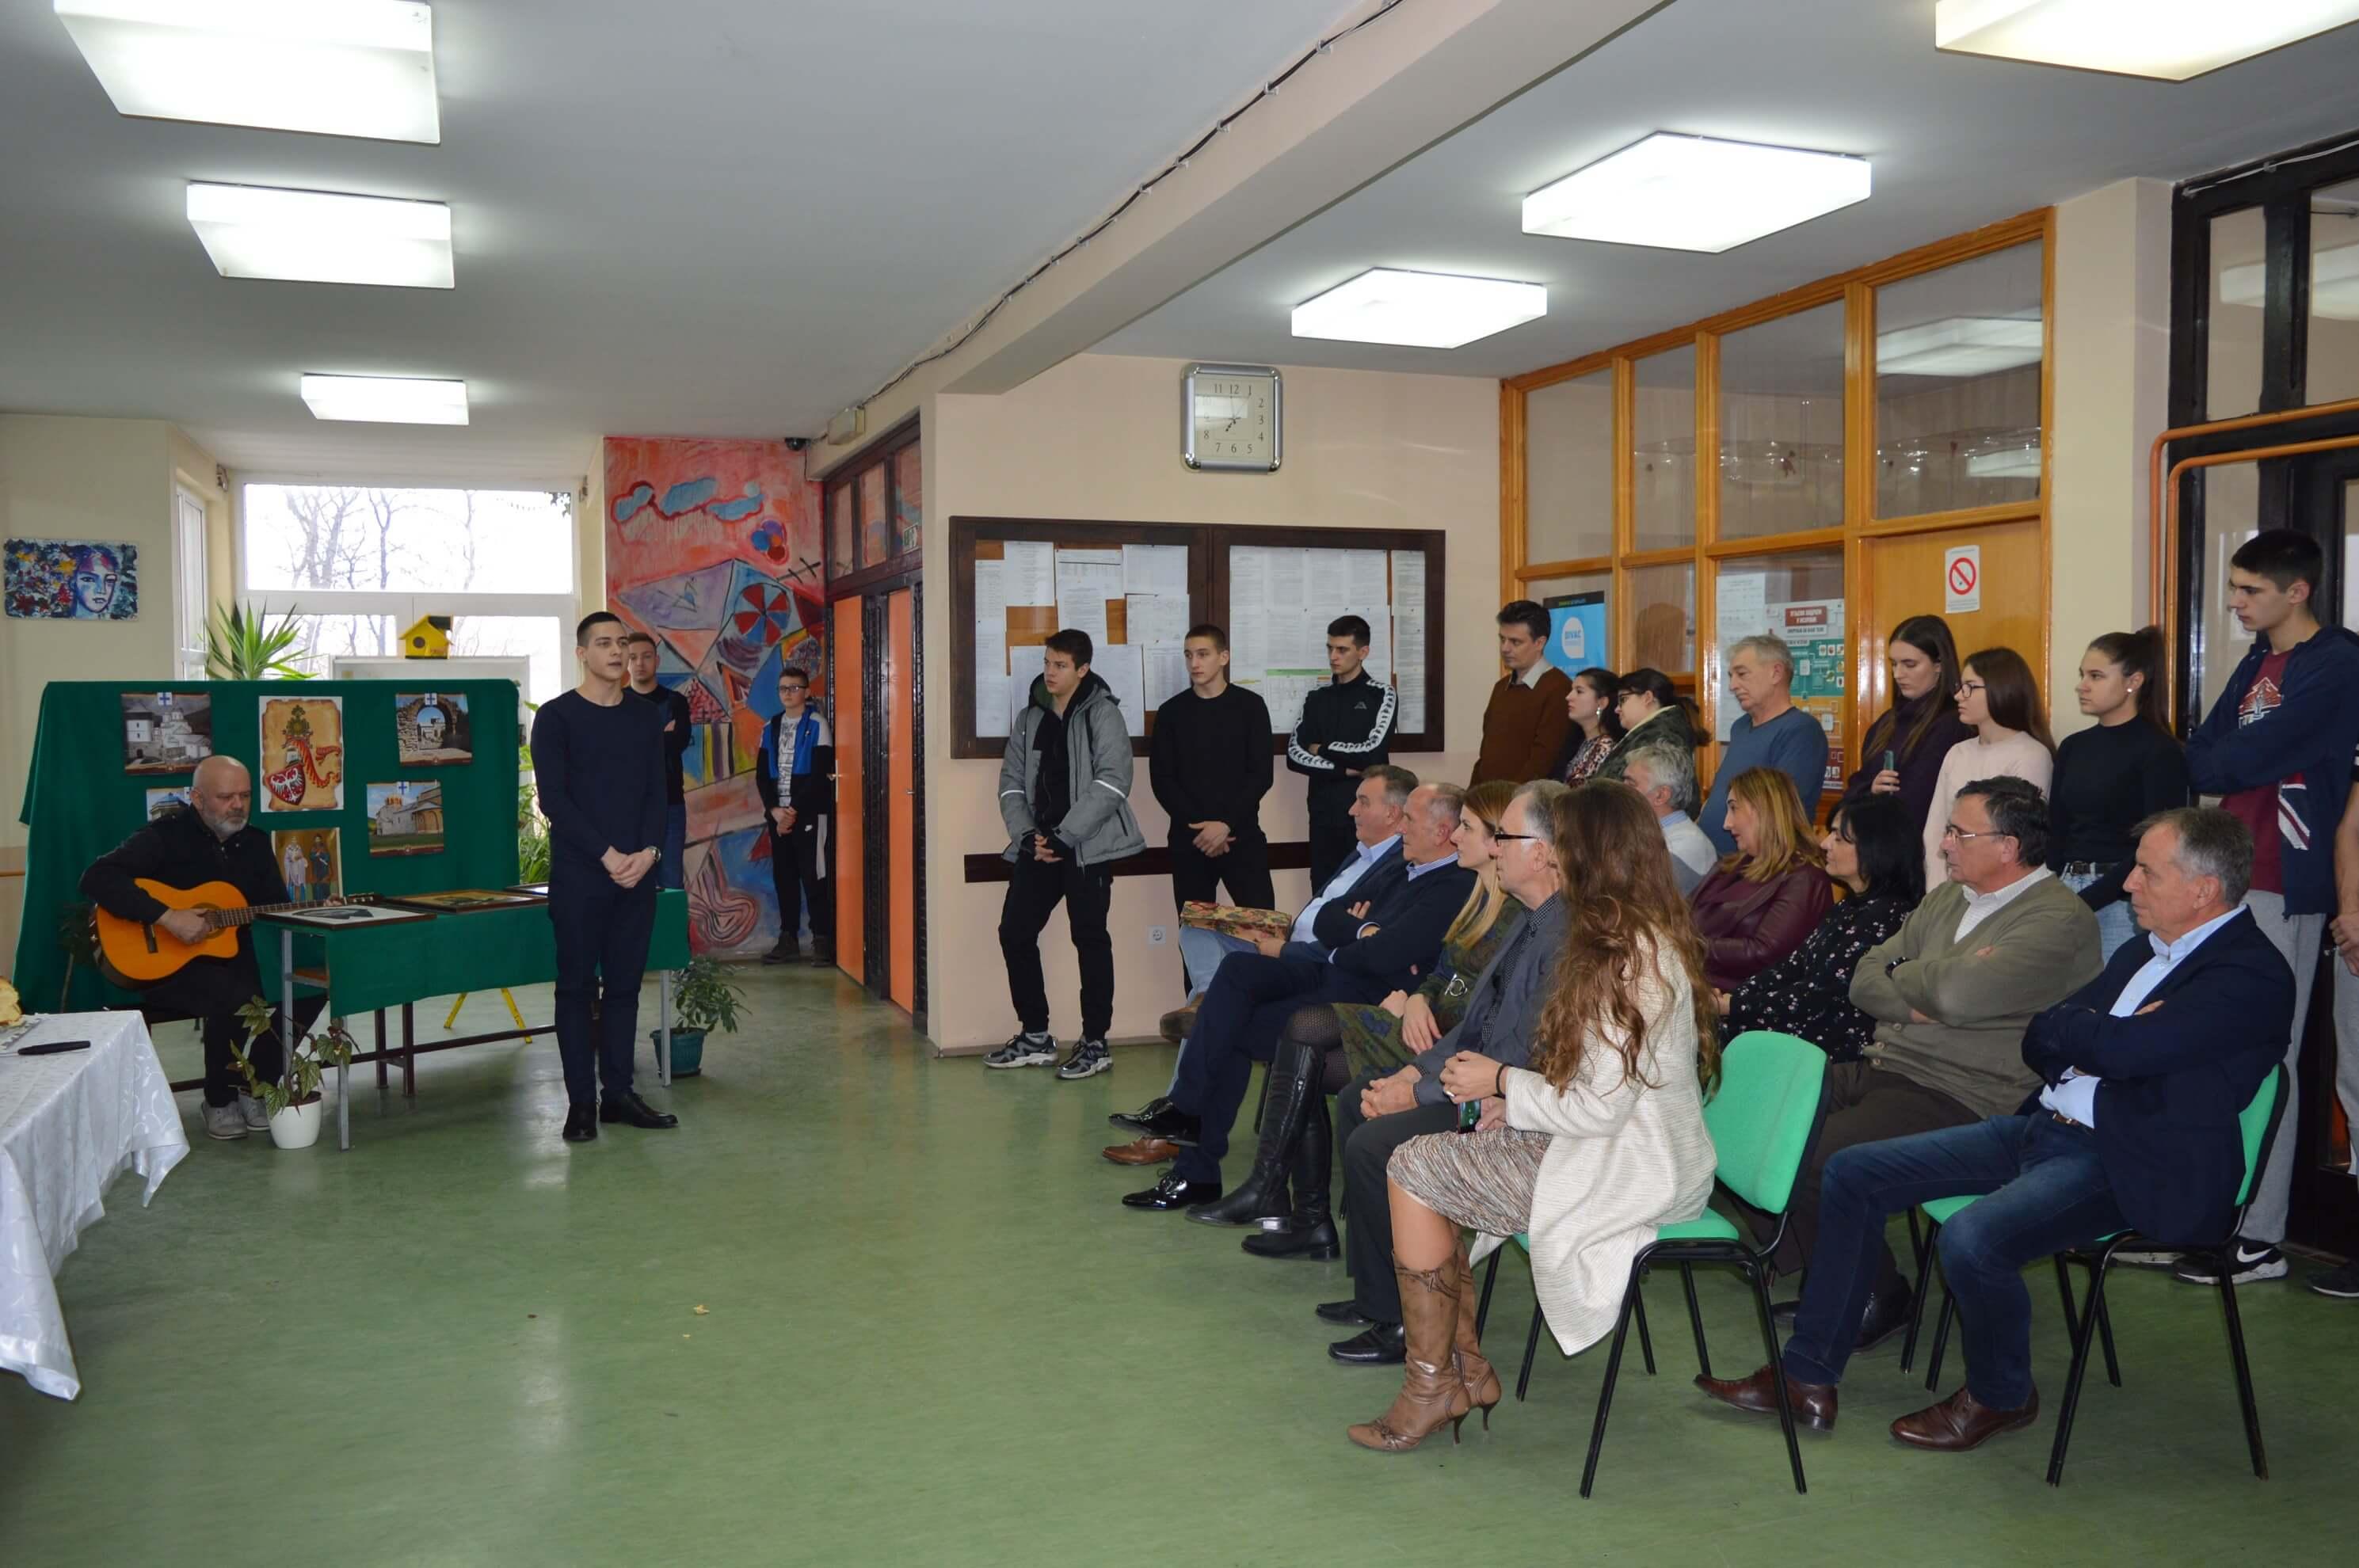 Светосавске свечаности приређене су у основним и средњим школама на територији града Сомбора